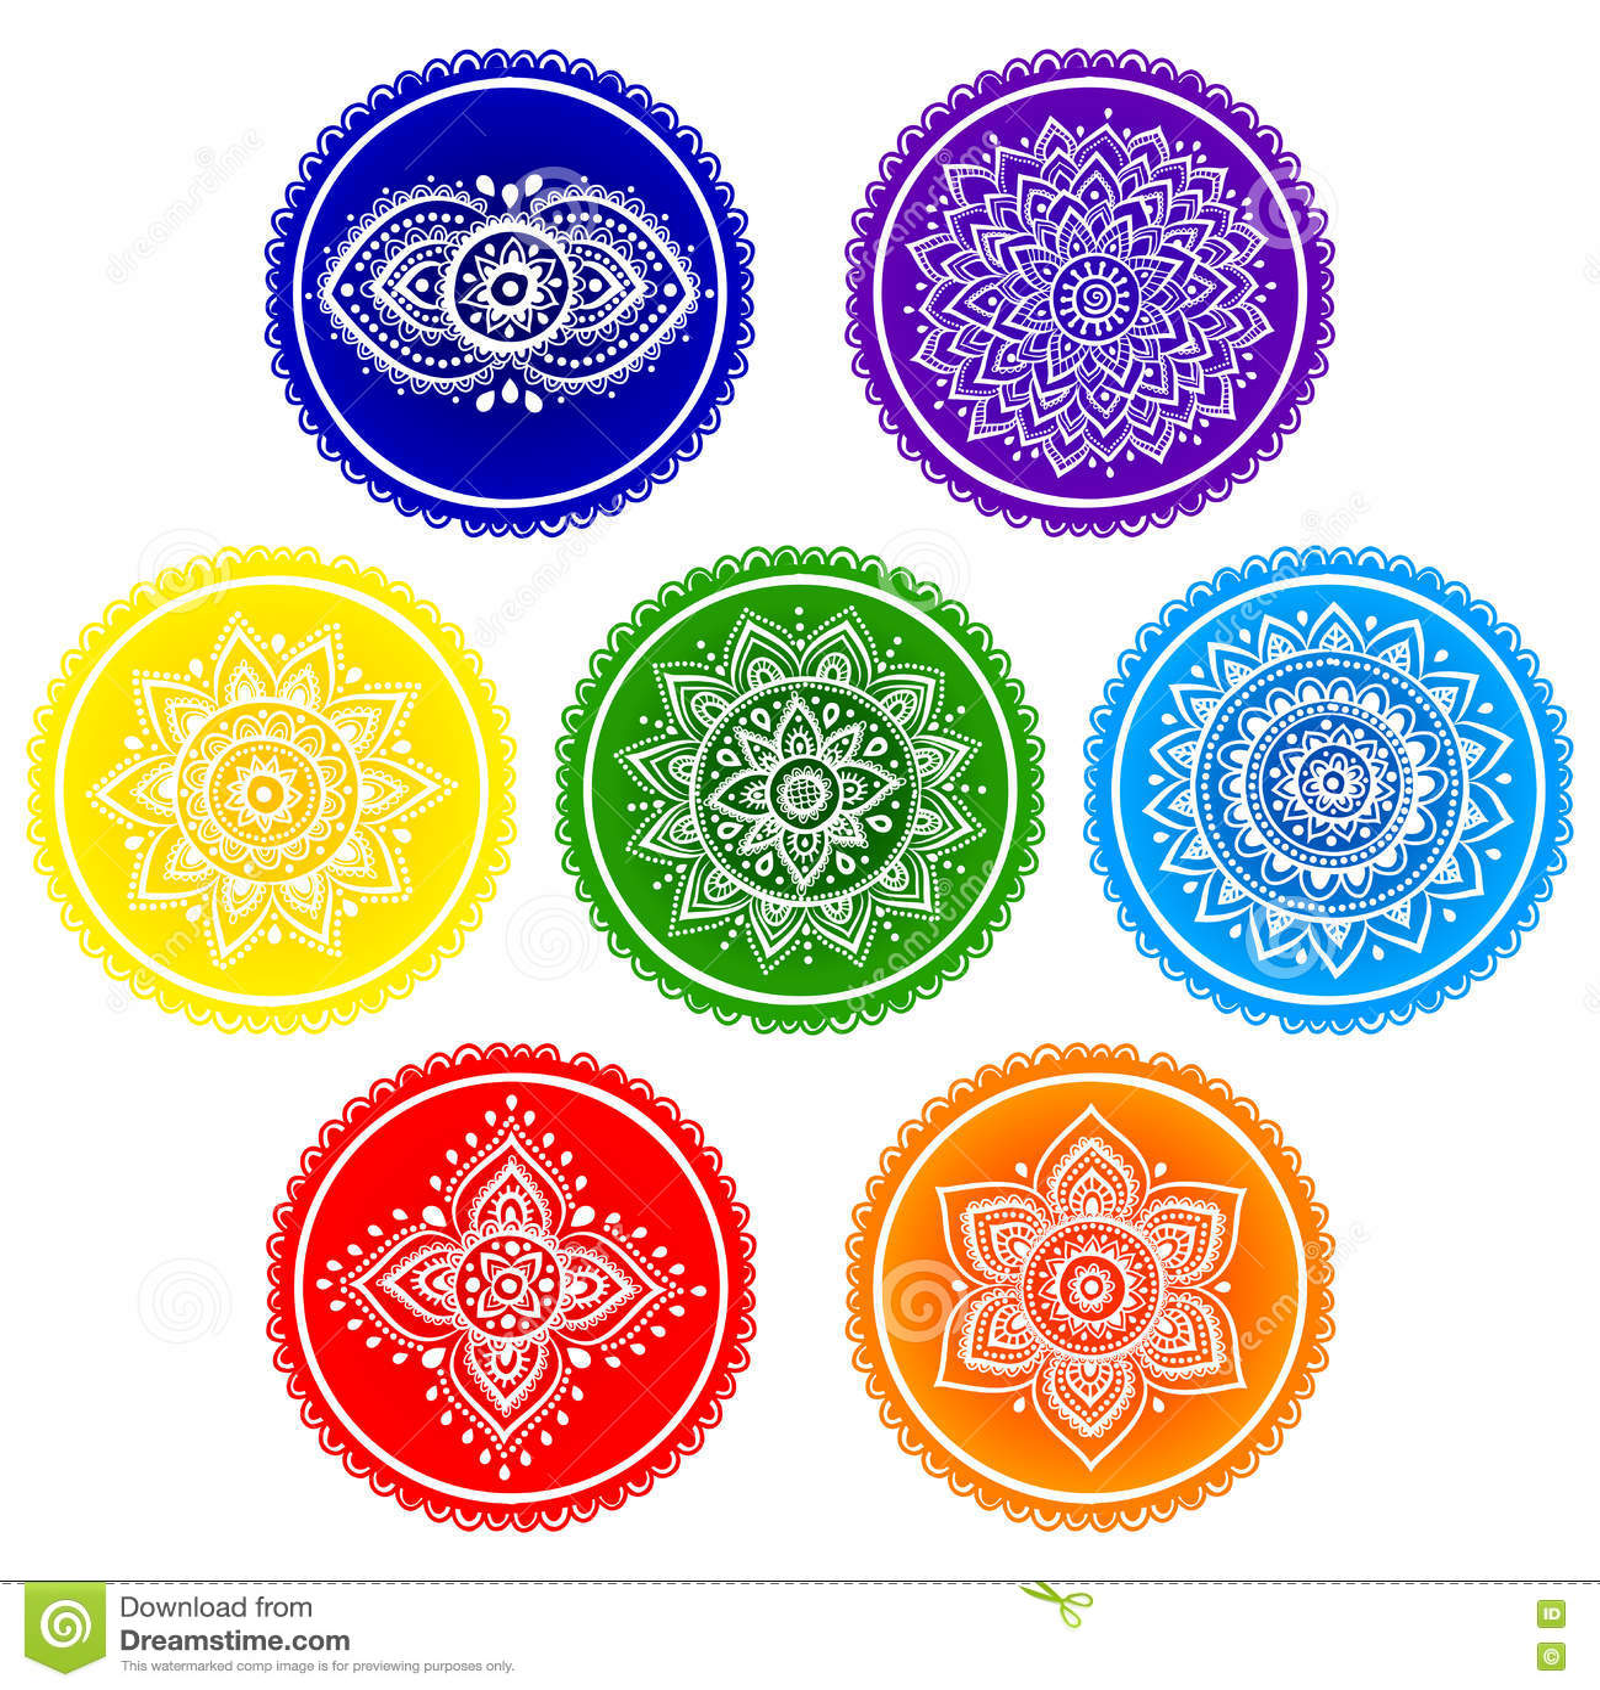 printable 7 chakras chart